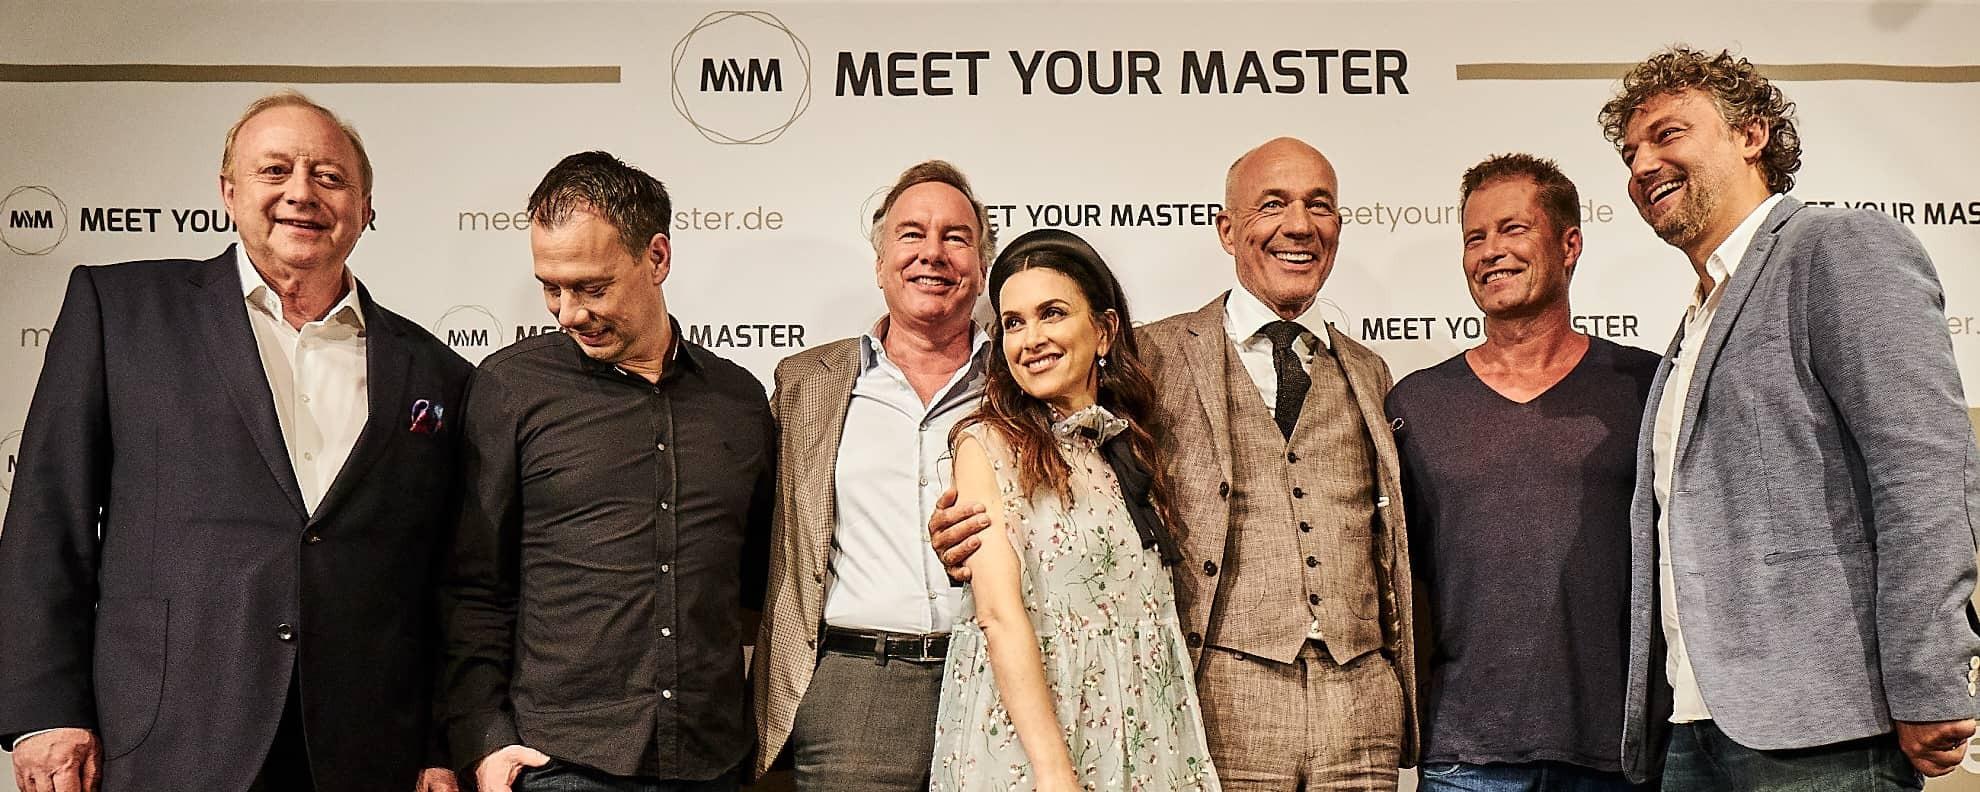 MasterClass Alternative: Die deutsche e-Learing-Plattform Meet your Master